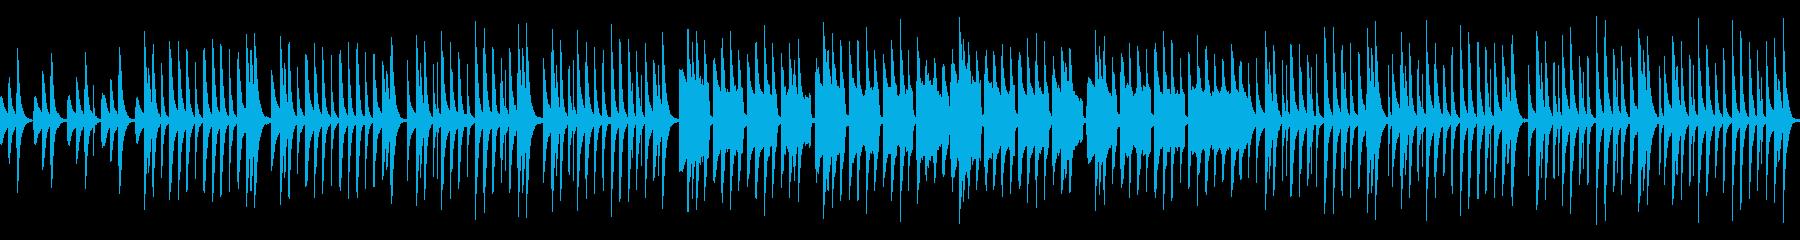 かわいい木琴、ほのぼのとした曲_ループ可の再生済みの波形